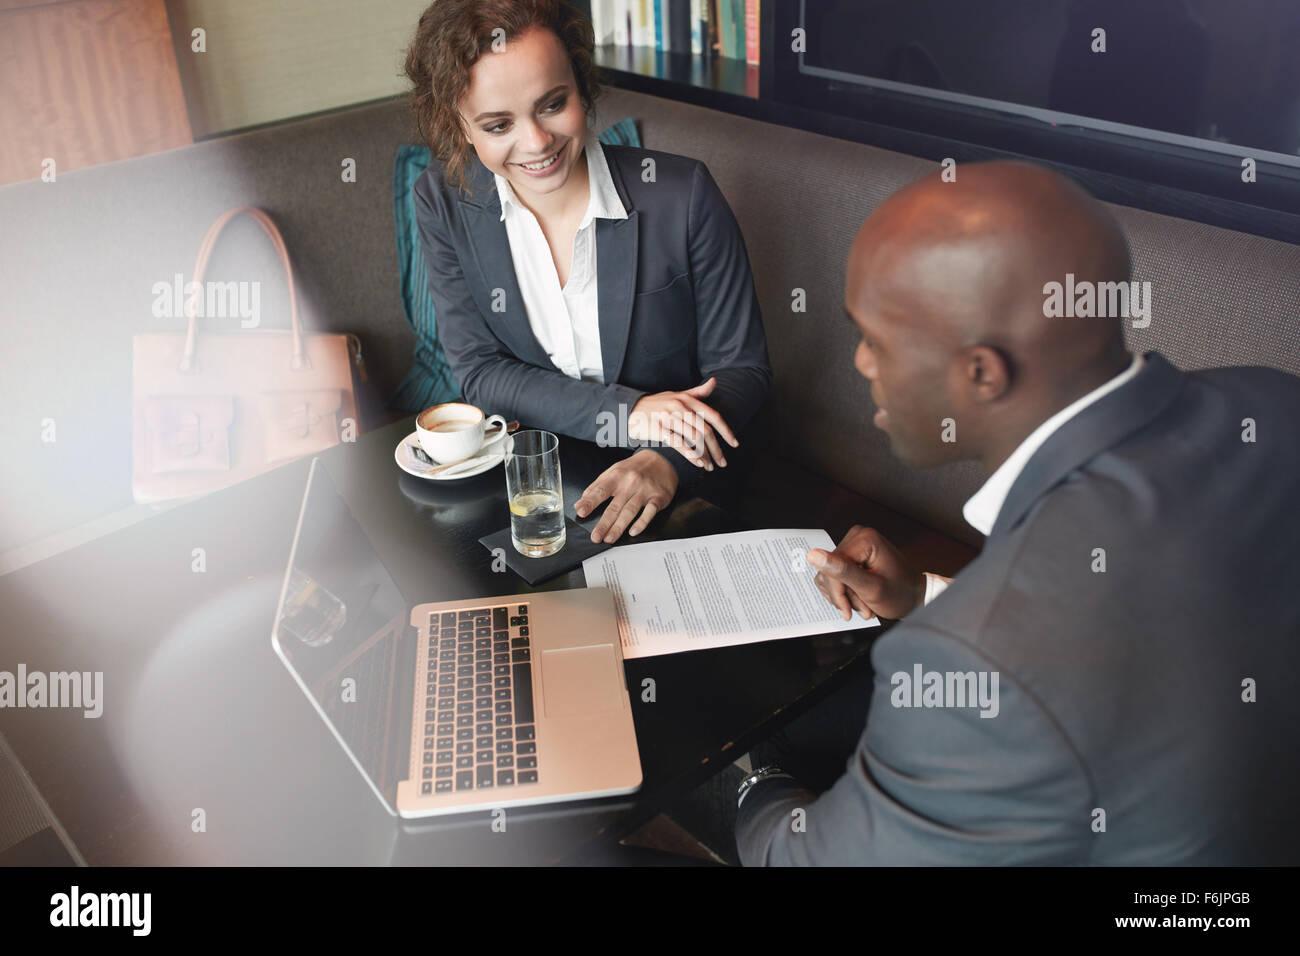 Aufnahme von zwei jungen Kollegen zusammenarbeiten im Coffee Shop. Geschäftspartner treffen in einem Café. Stockbild